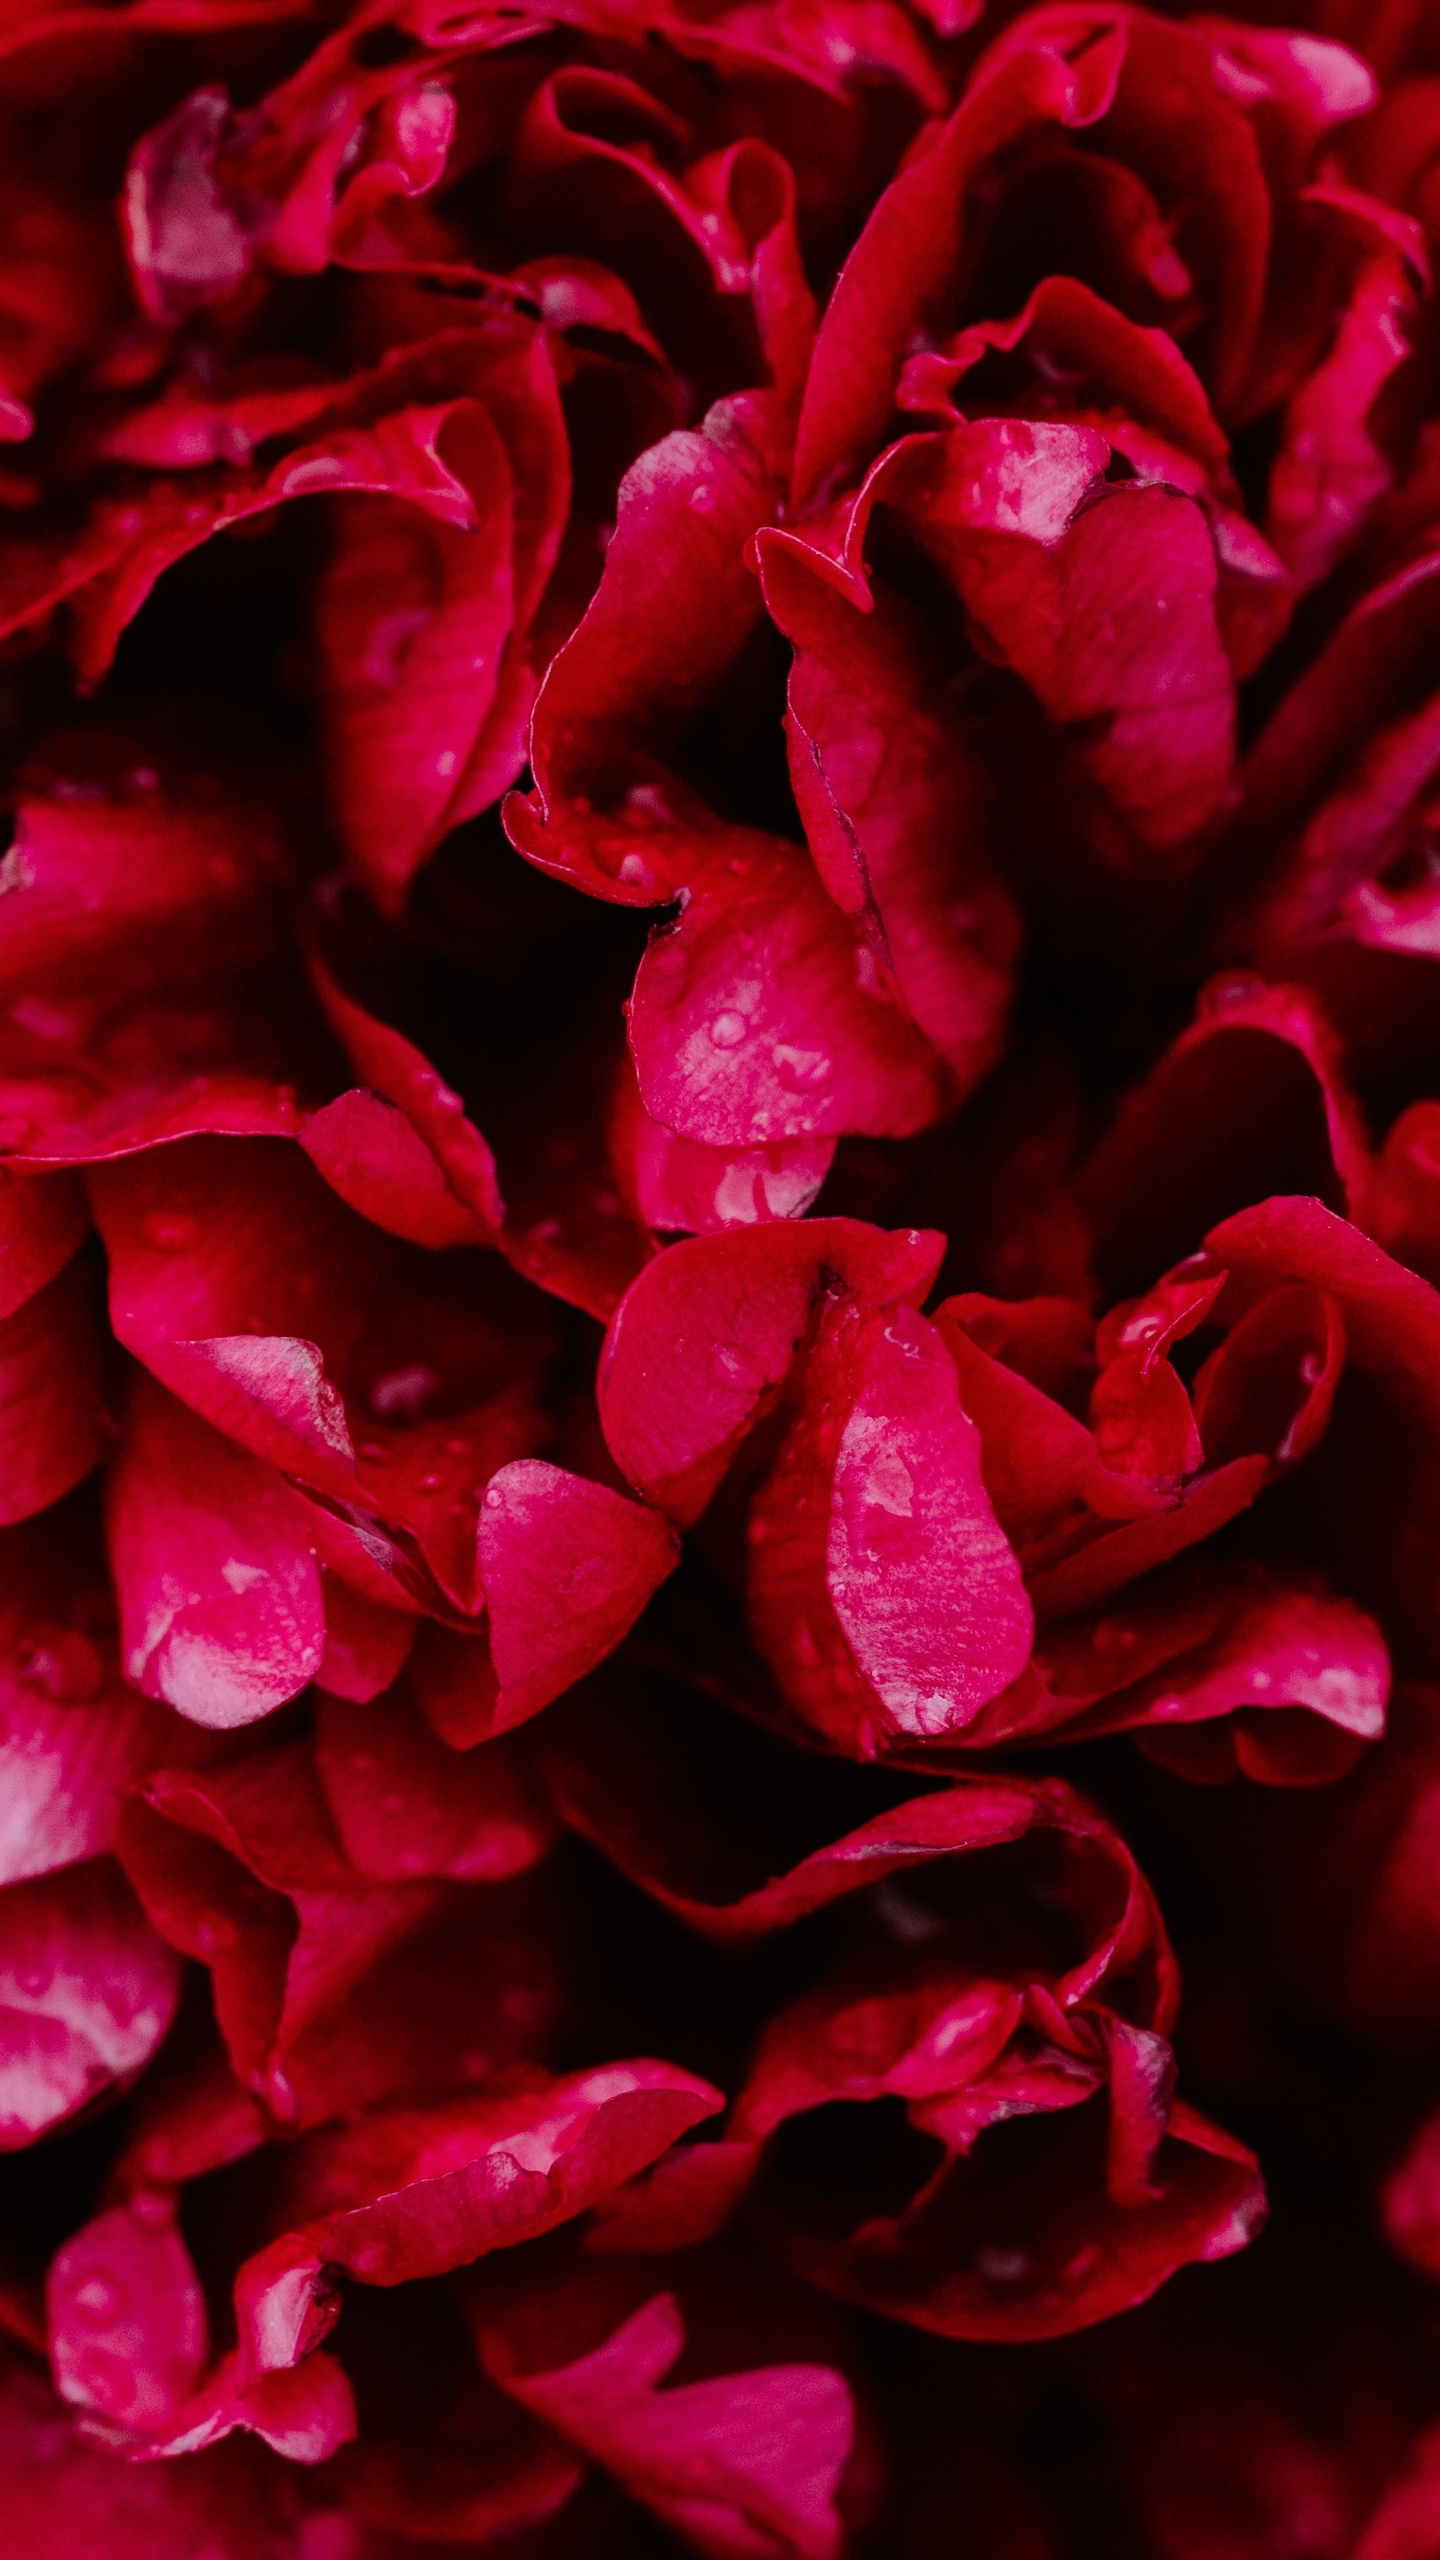 red-roses-5k-p0.jpg